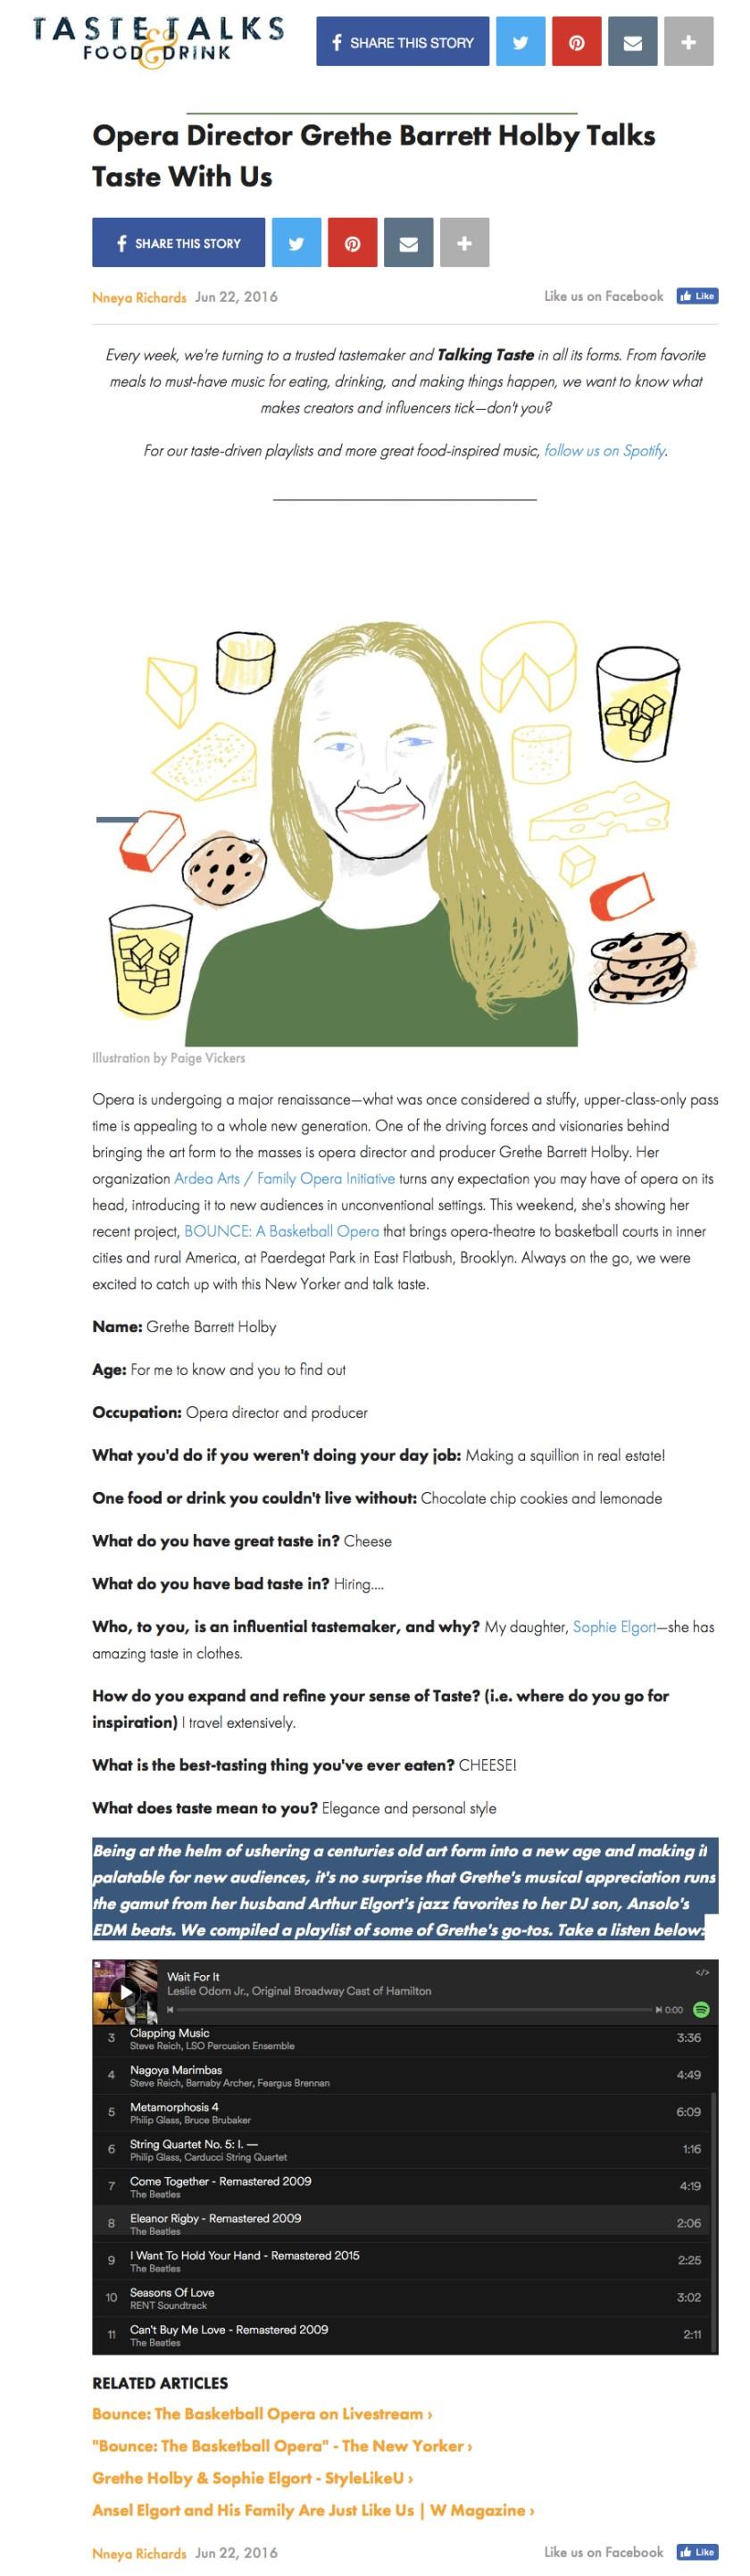 TasteTalks.com - 6.22.16 - Grethe Barrett Holby